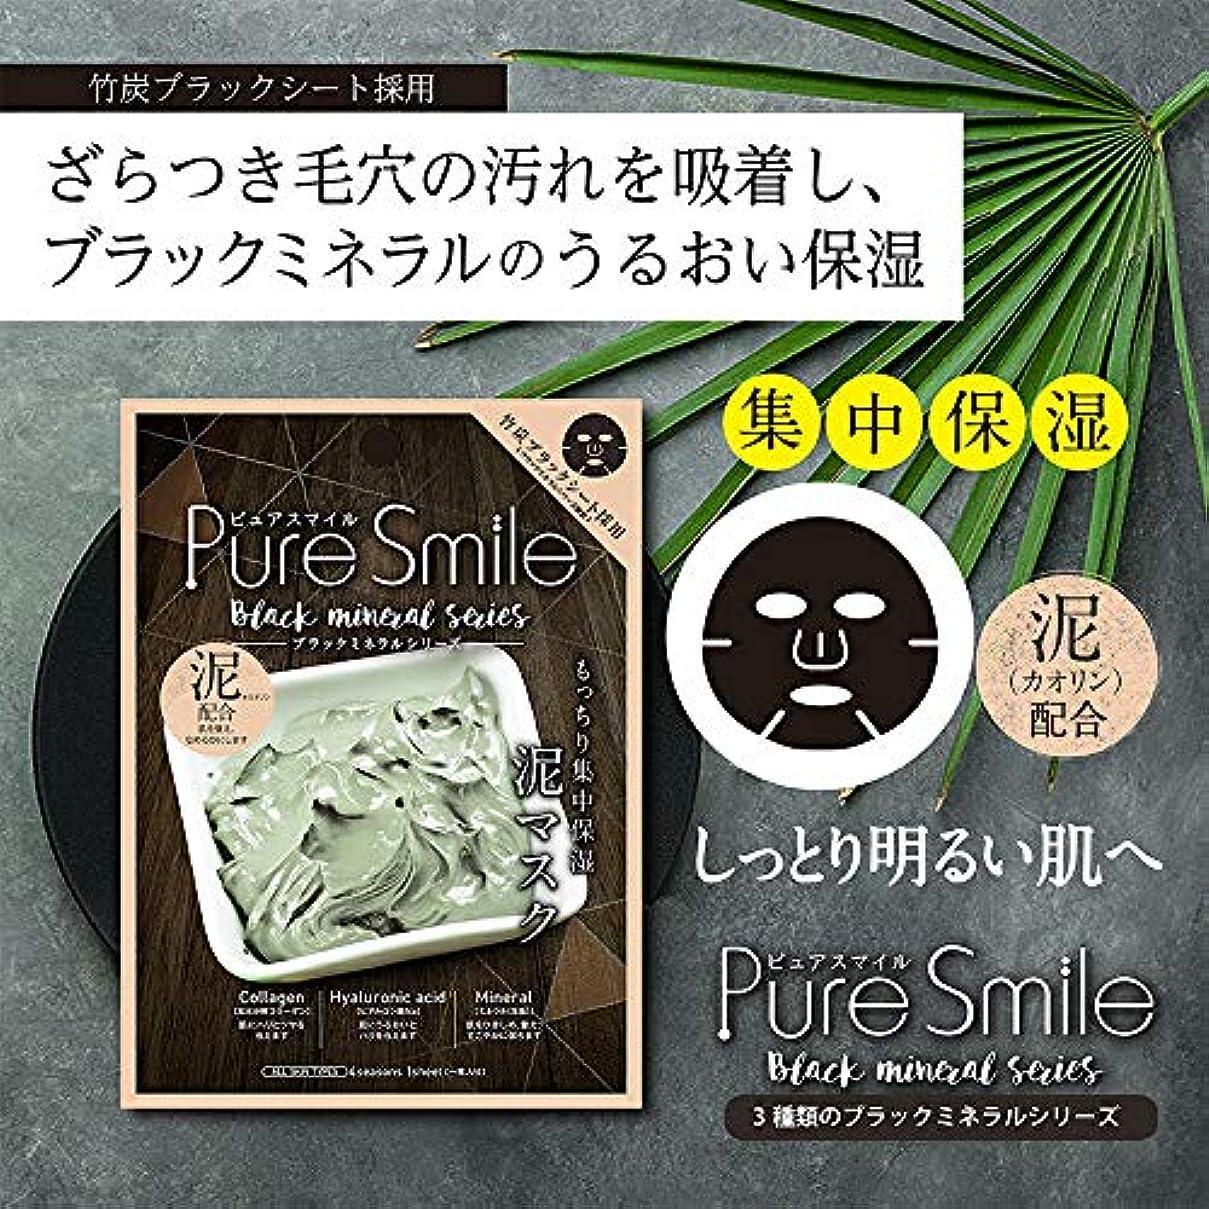 巻き取り発動機レンダリングPure Smile(ピュアスマイル) エッセンスマスク 『ブラックミネラルシリーズ』 (泥) フェイスマスク パック